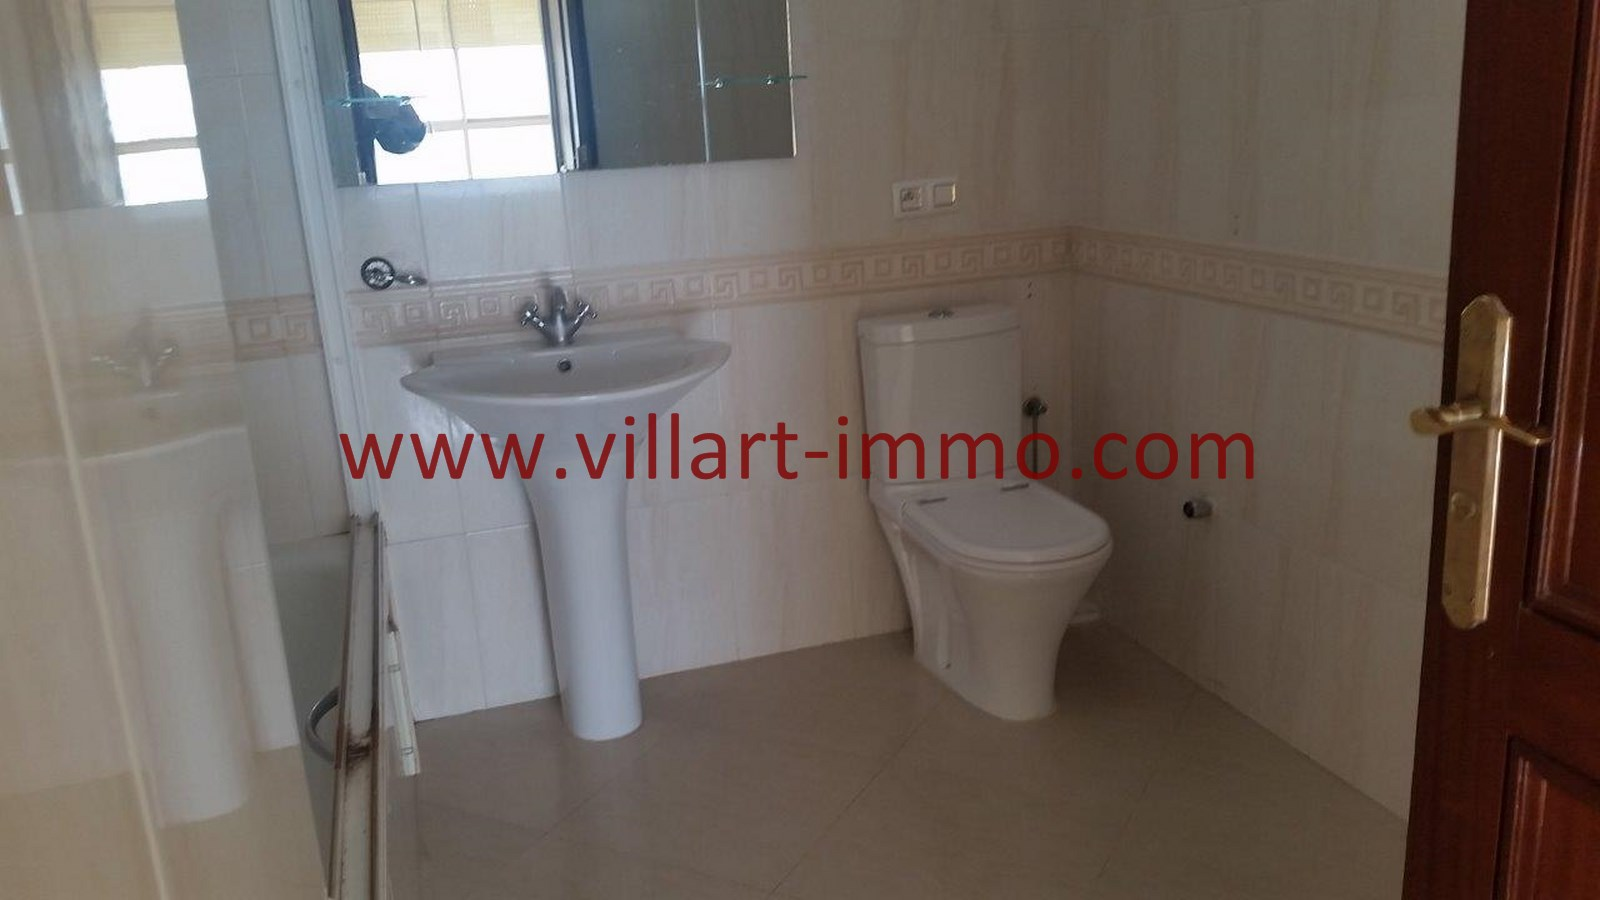 12-a-louer-appartement-tanger-iberia-salle-de-bain-2-l907-villart-immo